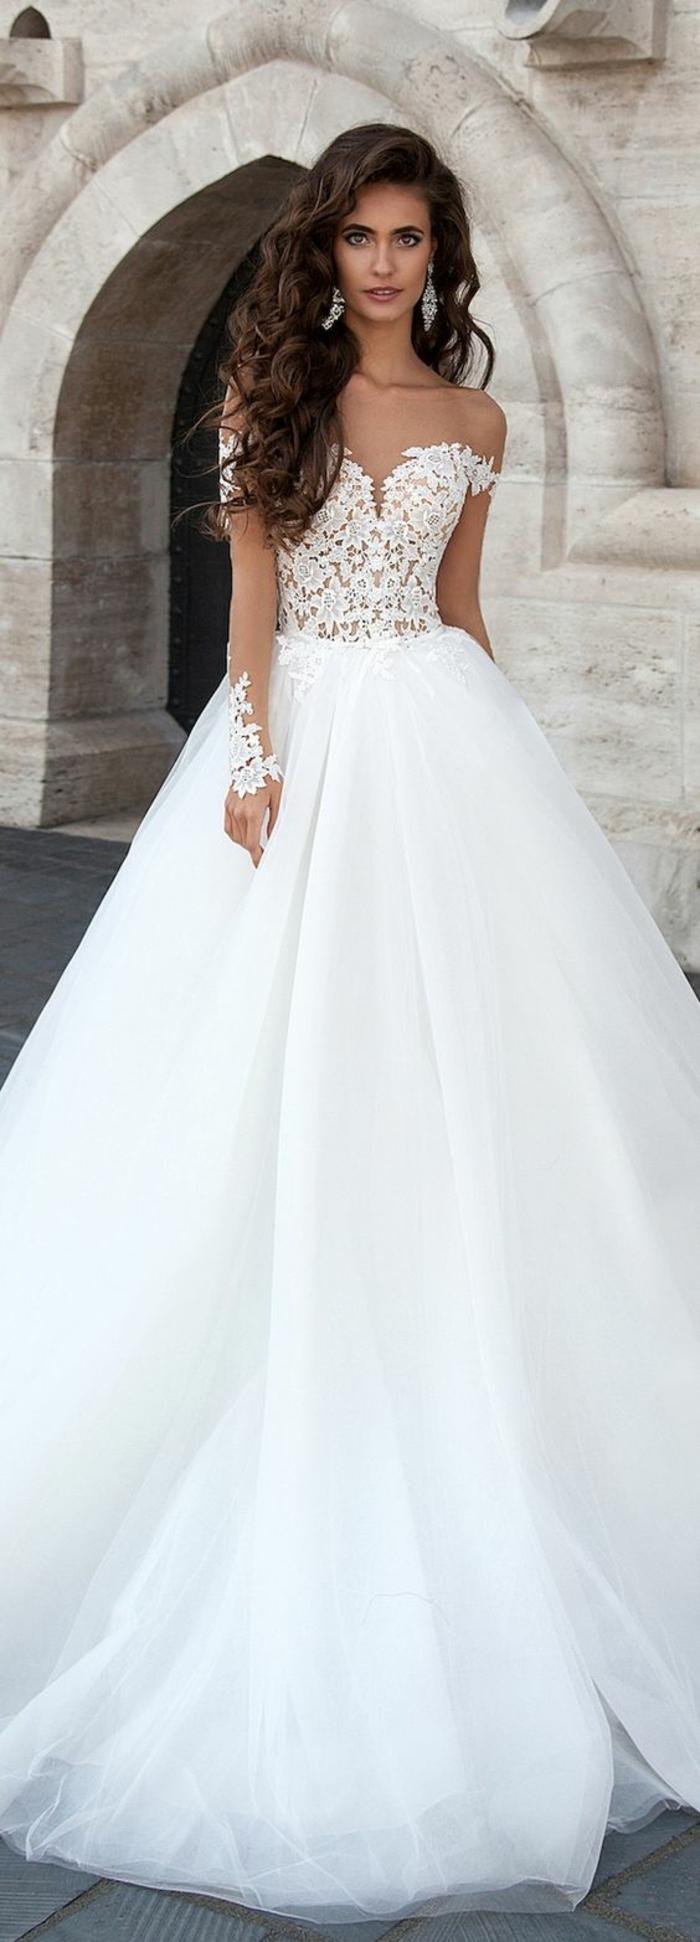 robe-de-mariée-bustier-courte-robe-de-mariée-bustier-corset-blanc